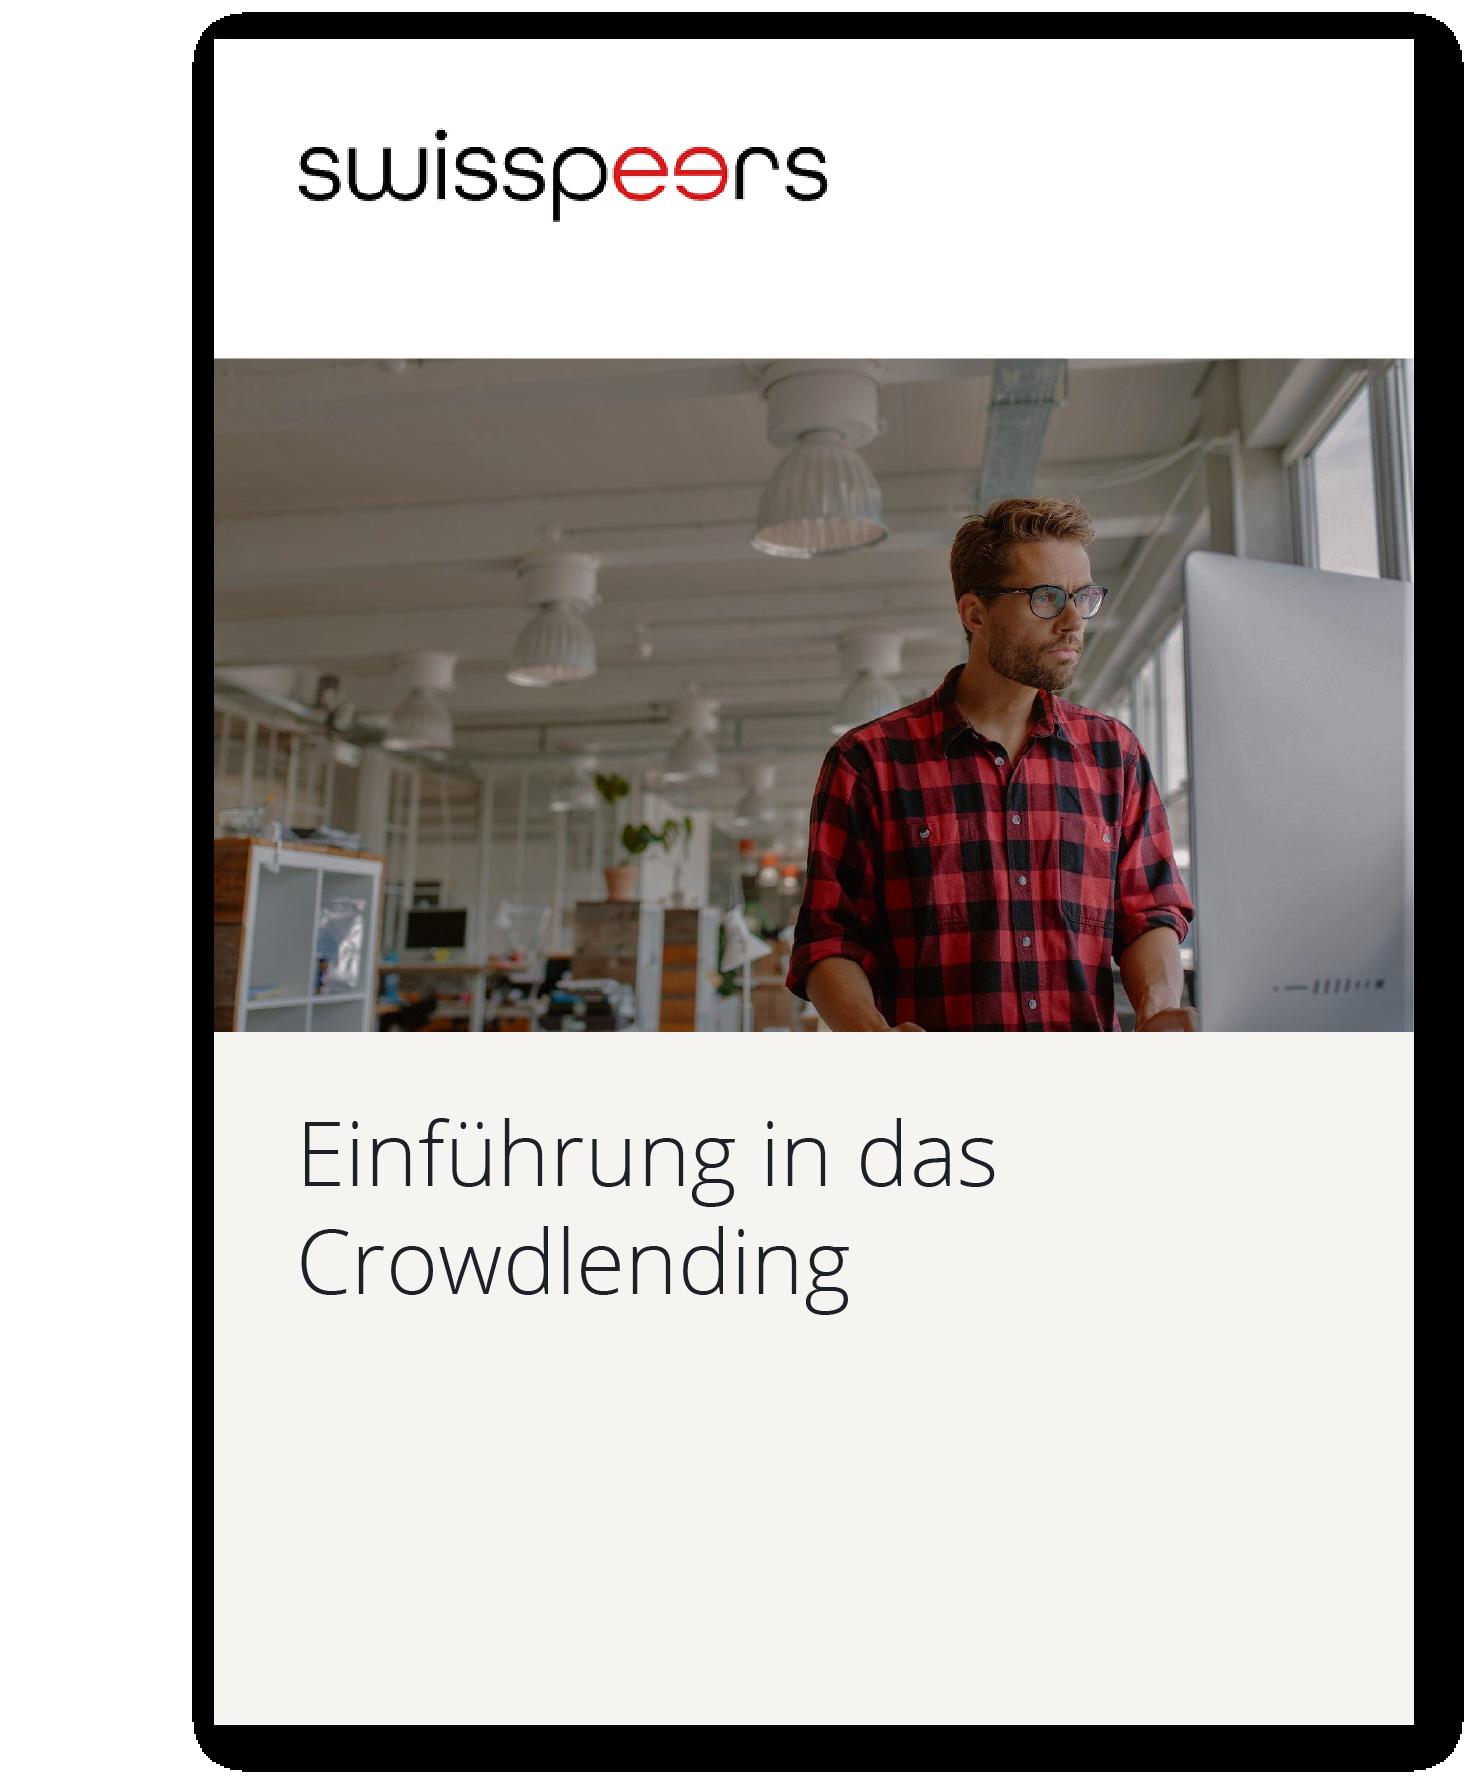 Einführung in das Crowdlending